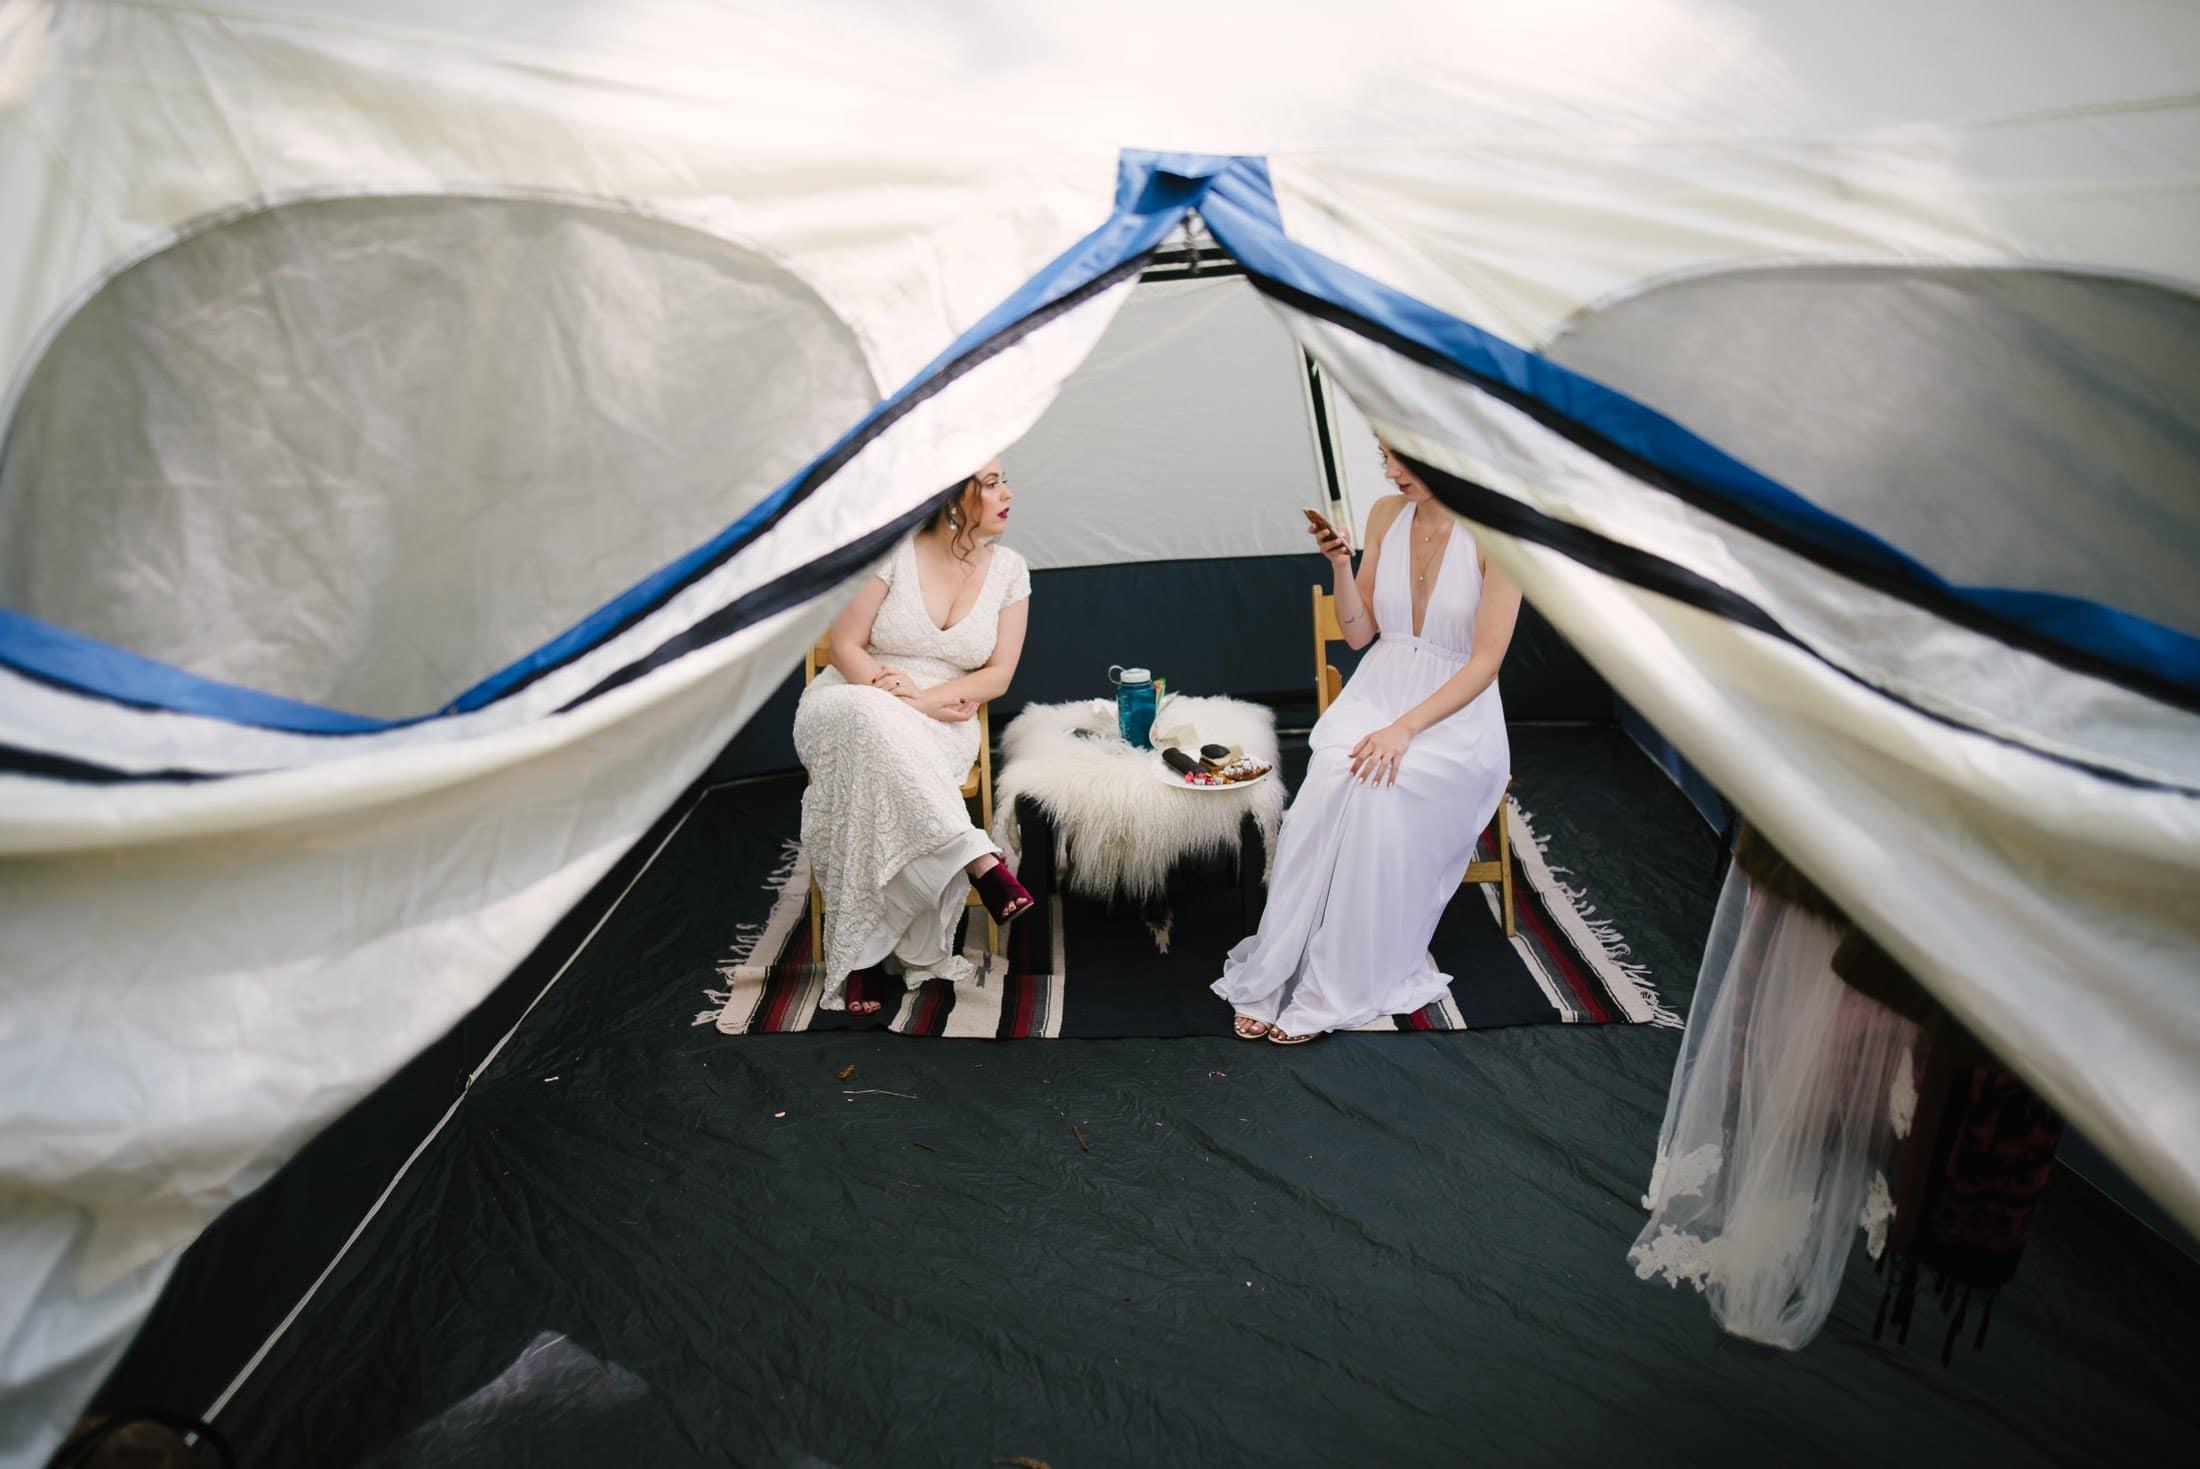 Bride in Tent at Robert's Regional Park wedding